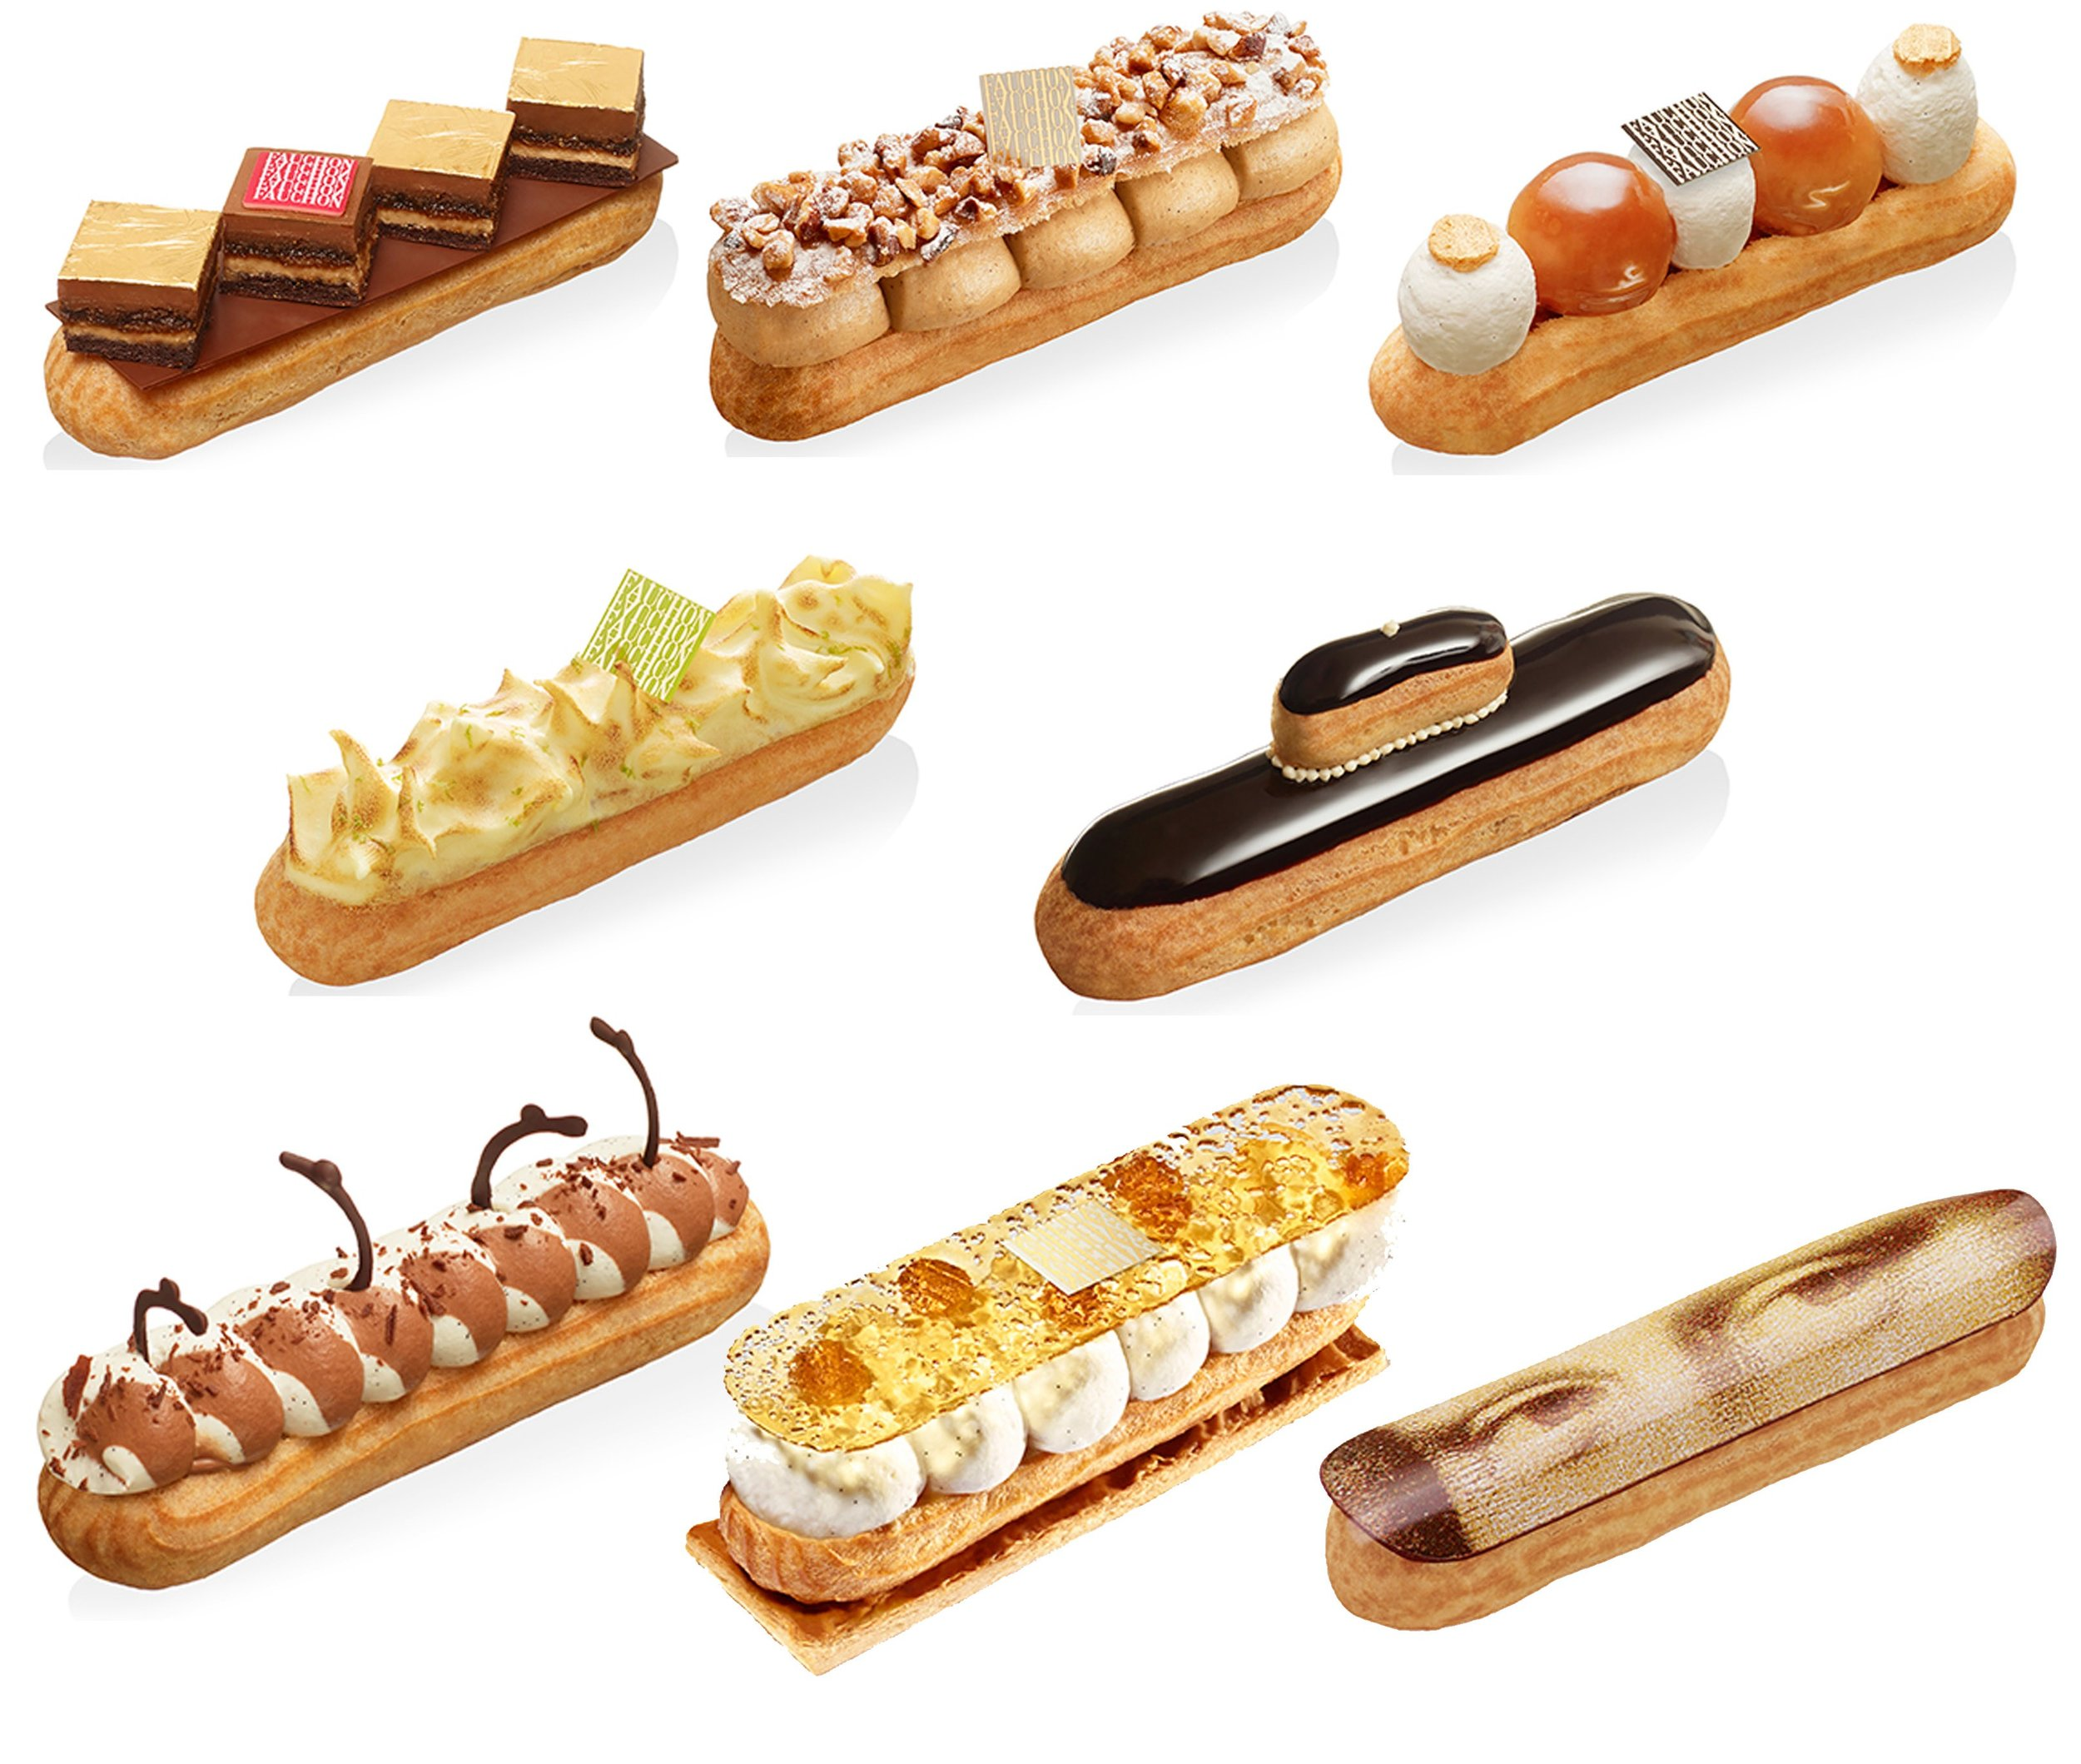 圖5. 2015 年的 Fauchon 閃電泡芙週,其中八款商品使用泡芙重現經典法式甜點如 réligieuse(修女泡芙)、St. Honoré(聖多諾黑泡芙)、Baba au Rhum(蘭姆巴巴)、tarte au citron méringuée(蛋白霜檸檬塔)、Opéra(歌劇院蛋糕)等。右下角便是 Adam 在 Fauchon 時期的代表作之一「éclair Joconde」蒙娜麗莎閃電泡芙。(圖片來源: Mon Pâtissier部落格 )